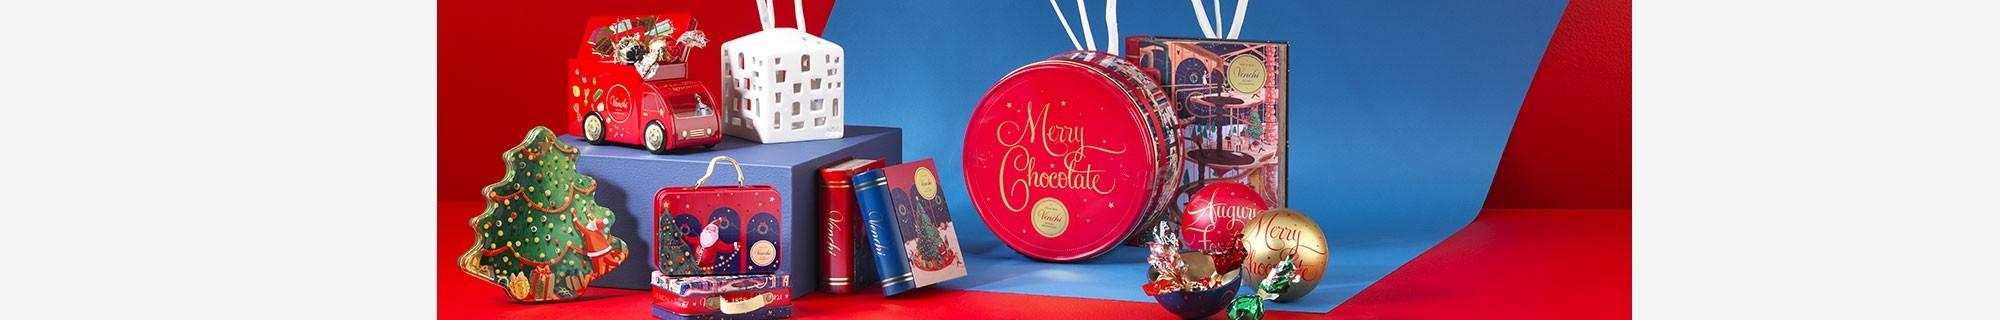 Scatole di Cioccolatini Lindt e Venchi, Praline e Confezioni Regalo